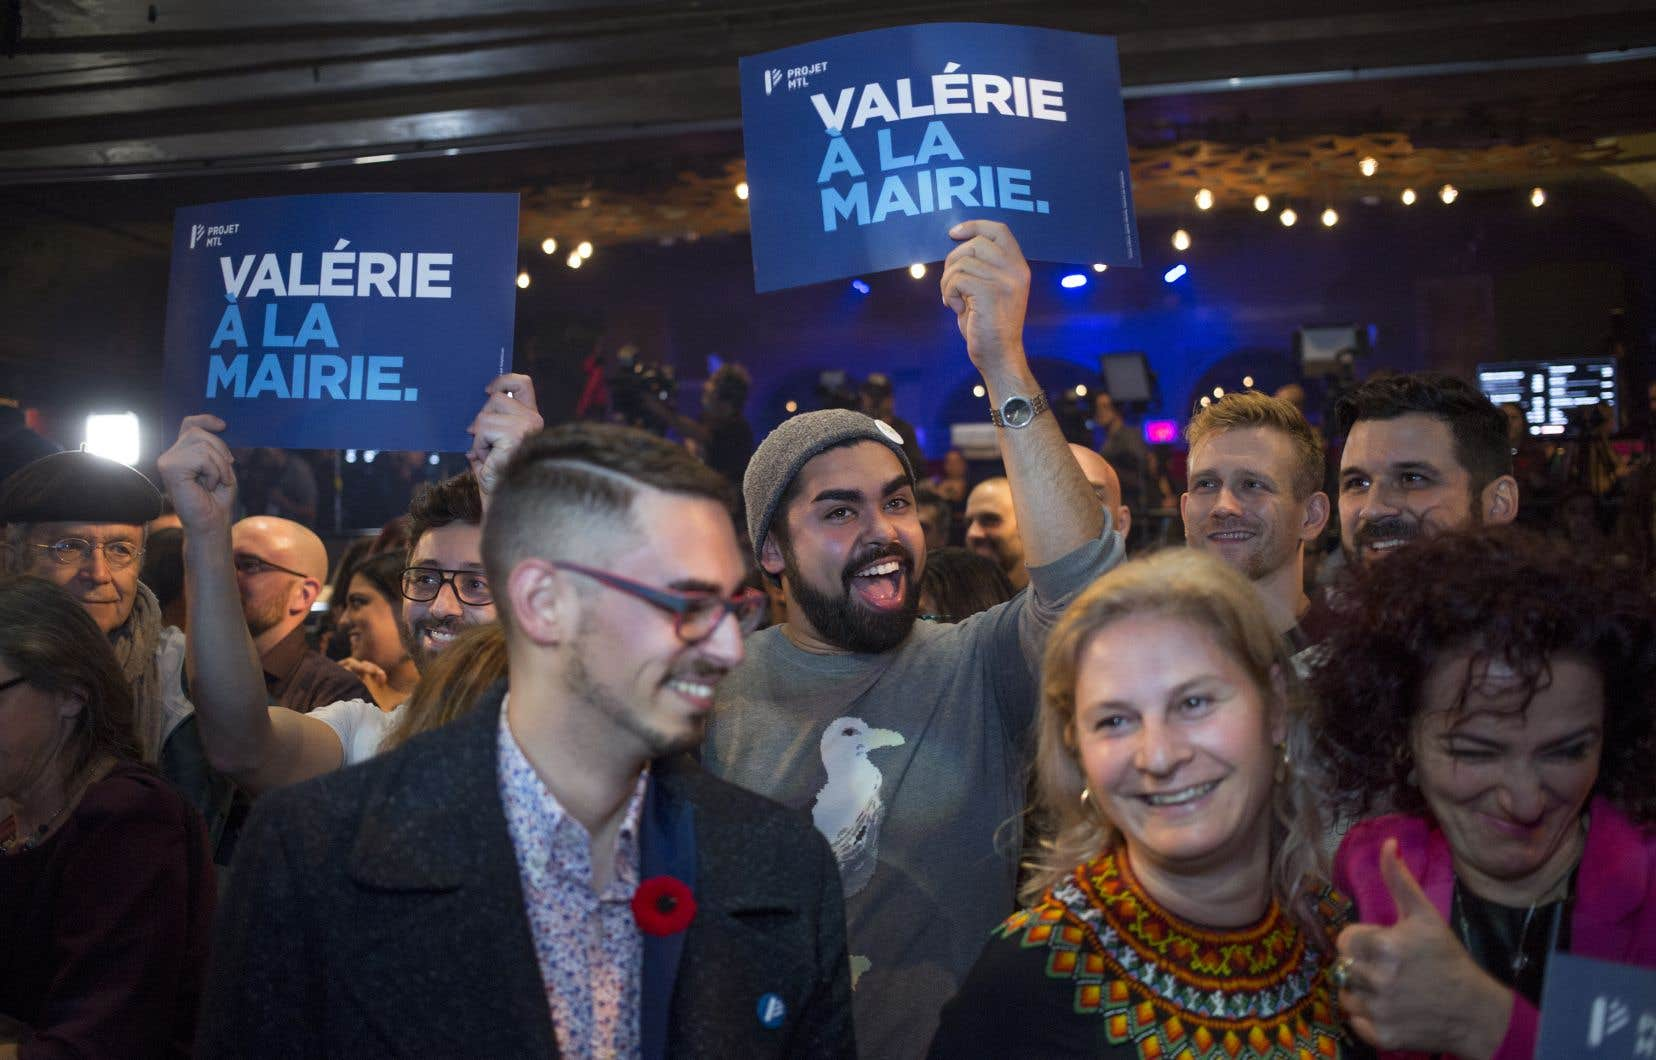 Je ne doute pas un instant que l'élection de Valérie Plante fasse trembler de nombreux banlieusards, qui jouissaient jusqu'alors des actions métropolitaines de Denis Coderre, estime l'auteur.